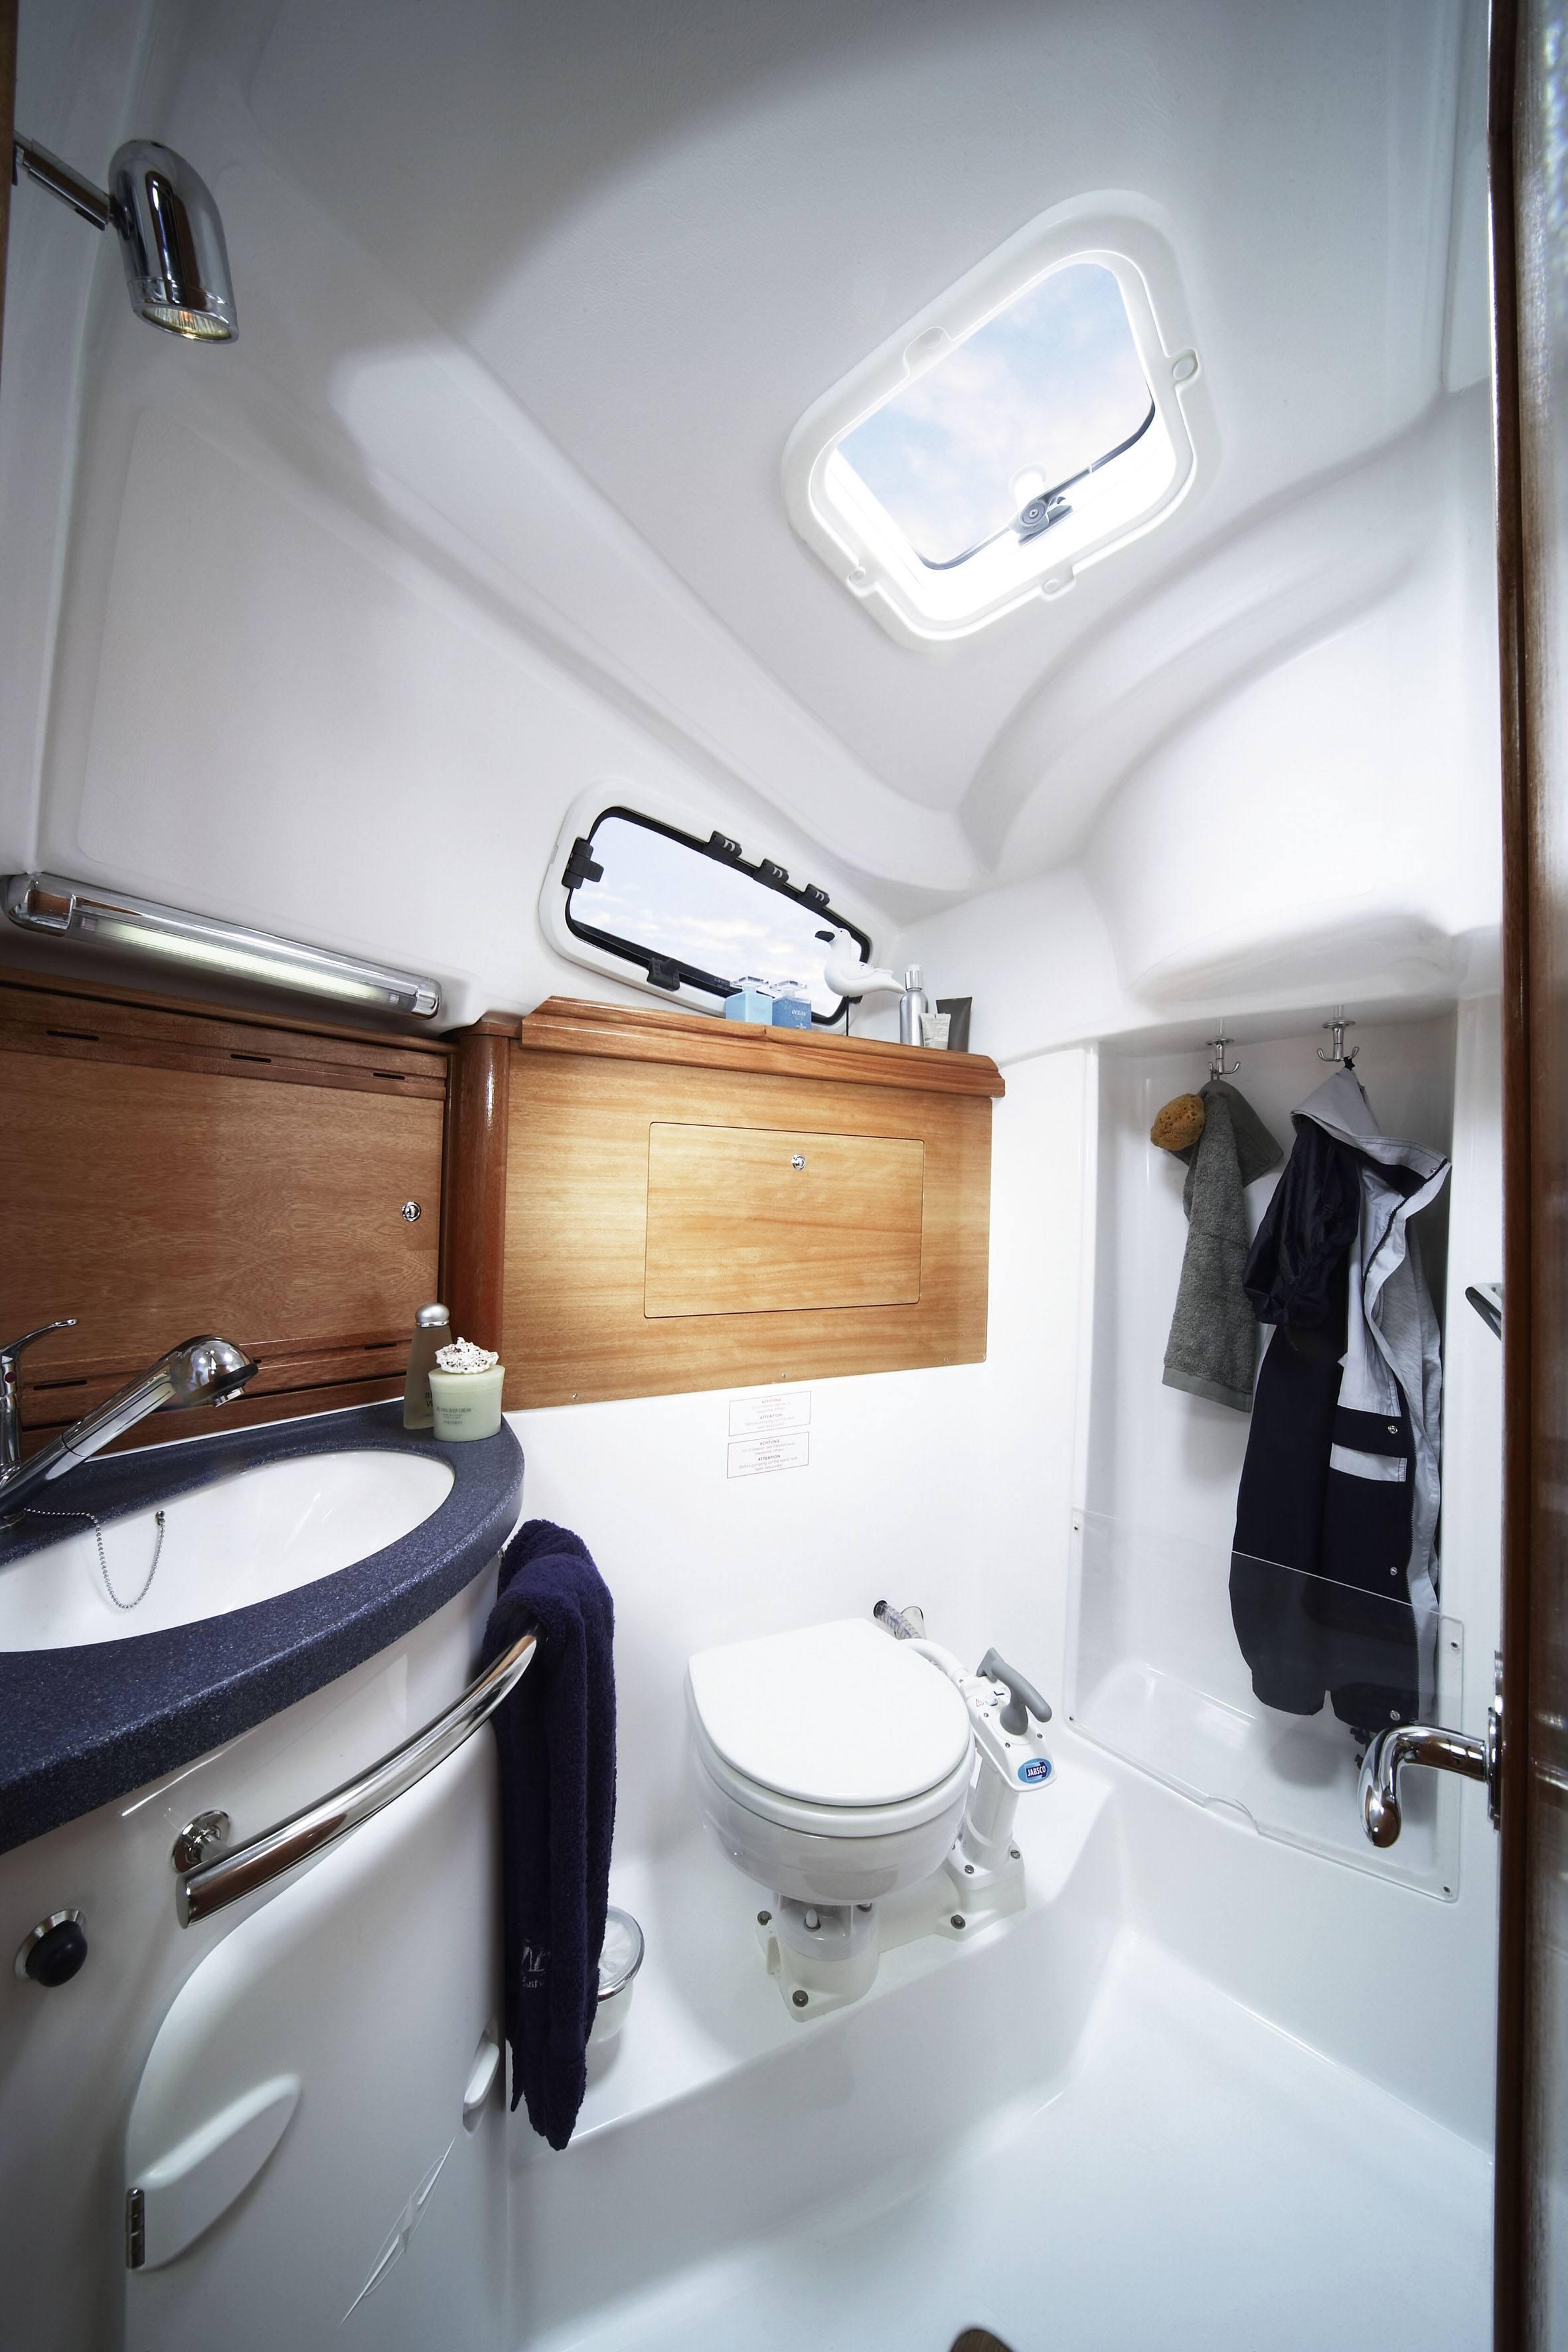 bavaria 34 cruiser nazelle mit toilette dusche - Nasszelle Dusche Wc